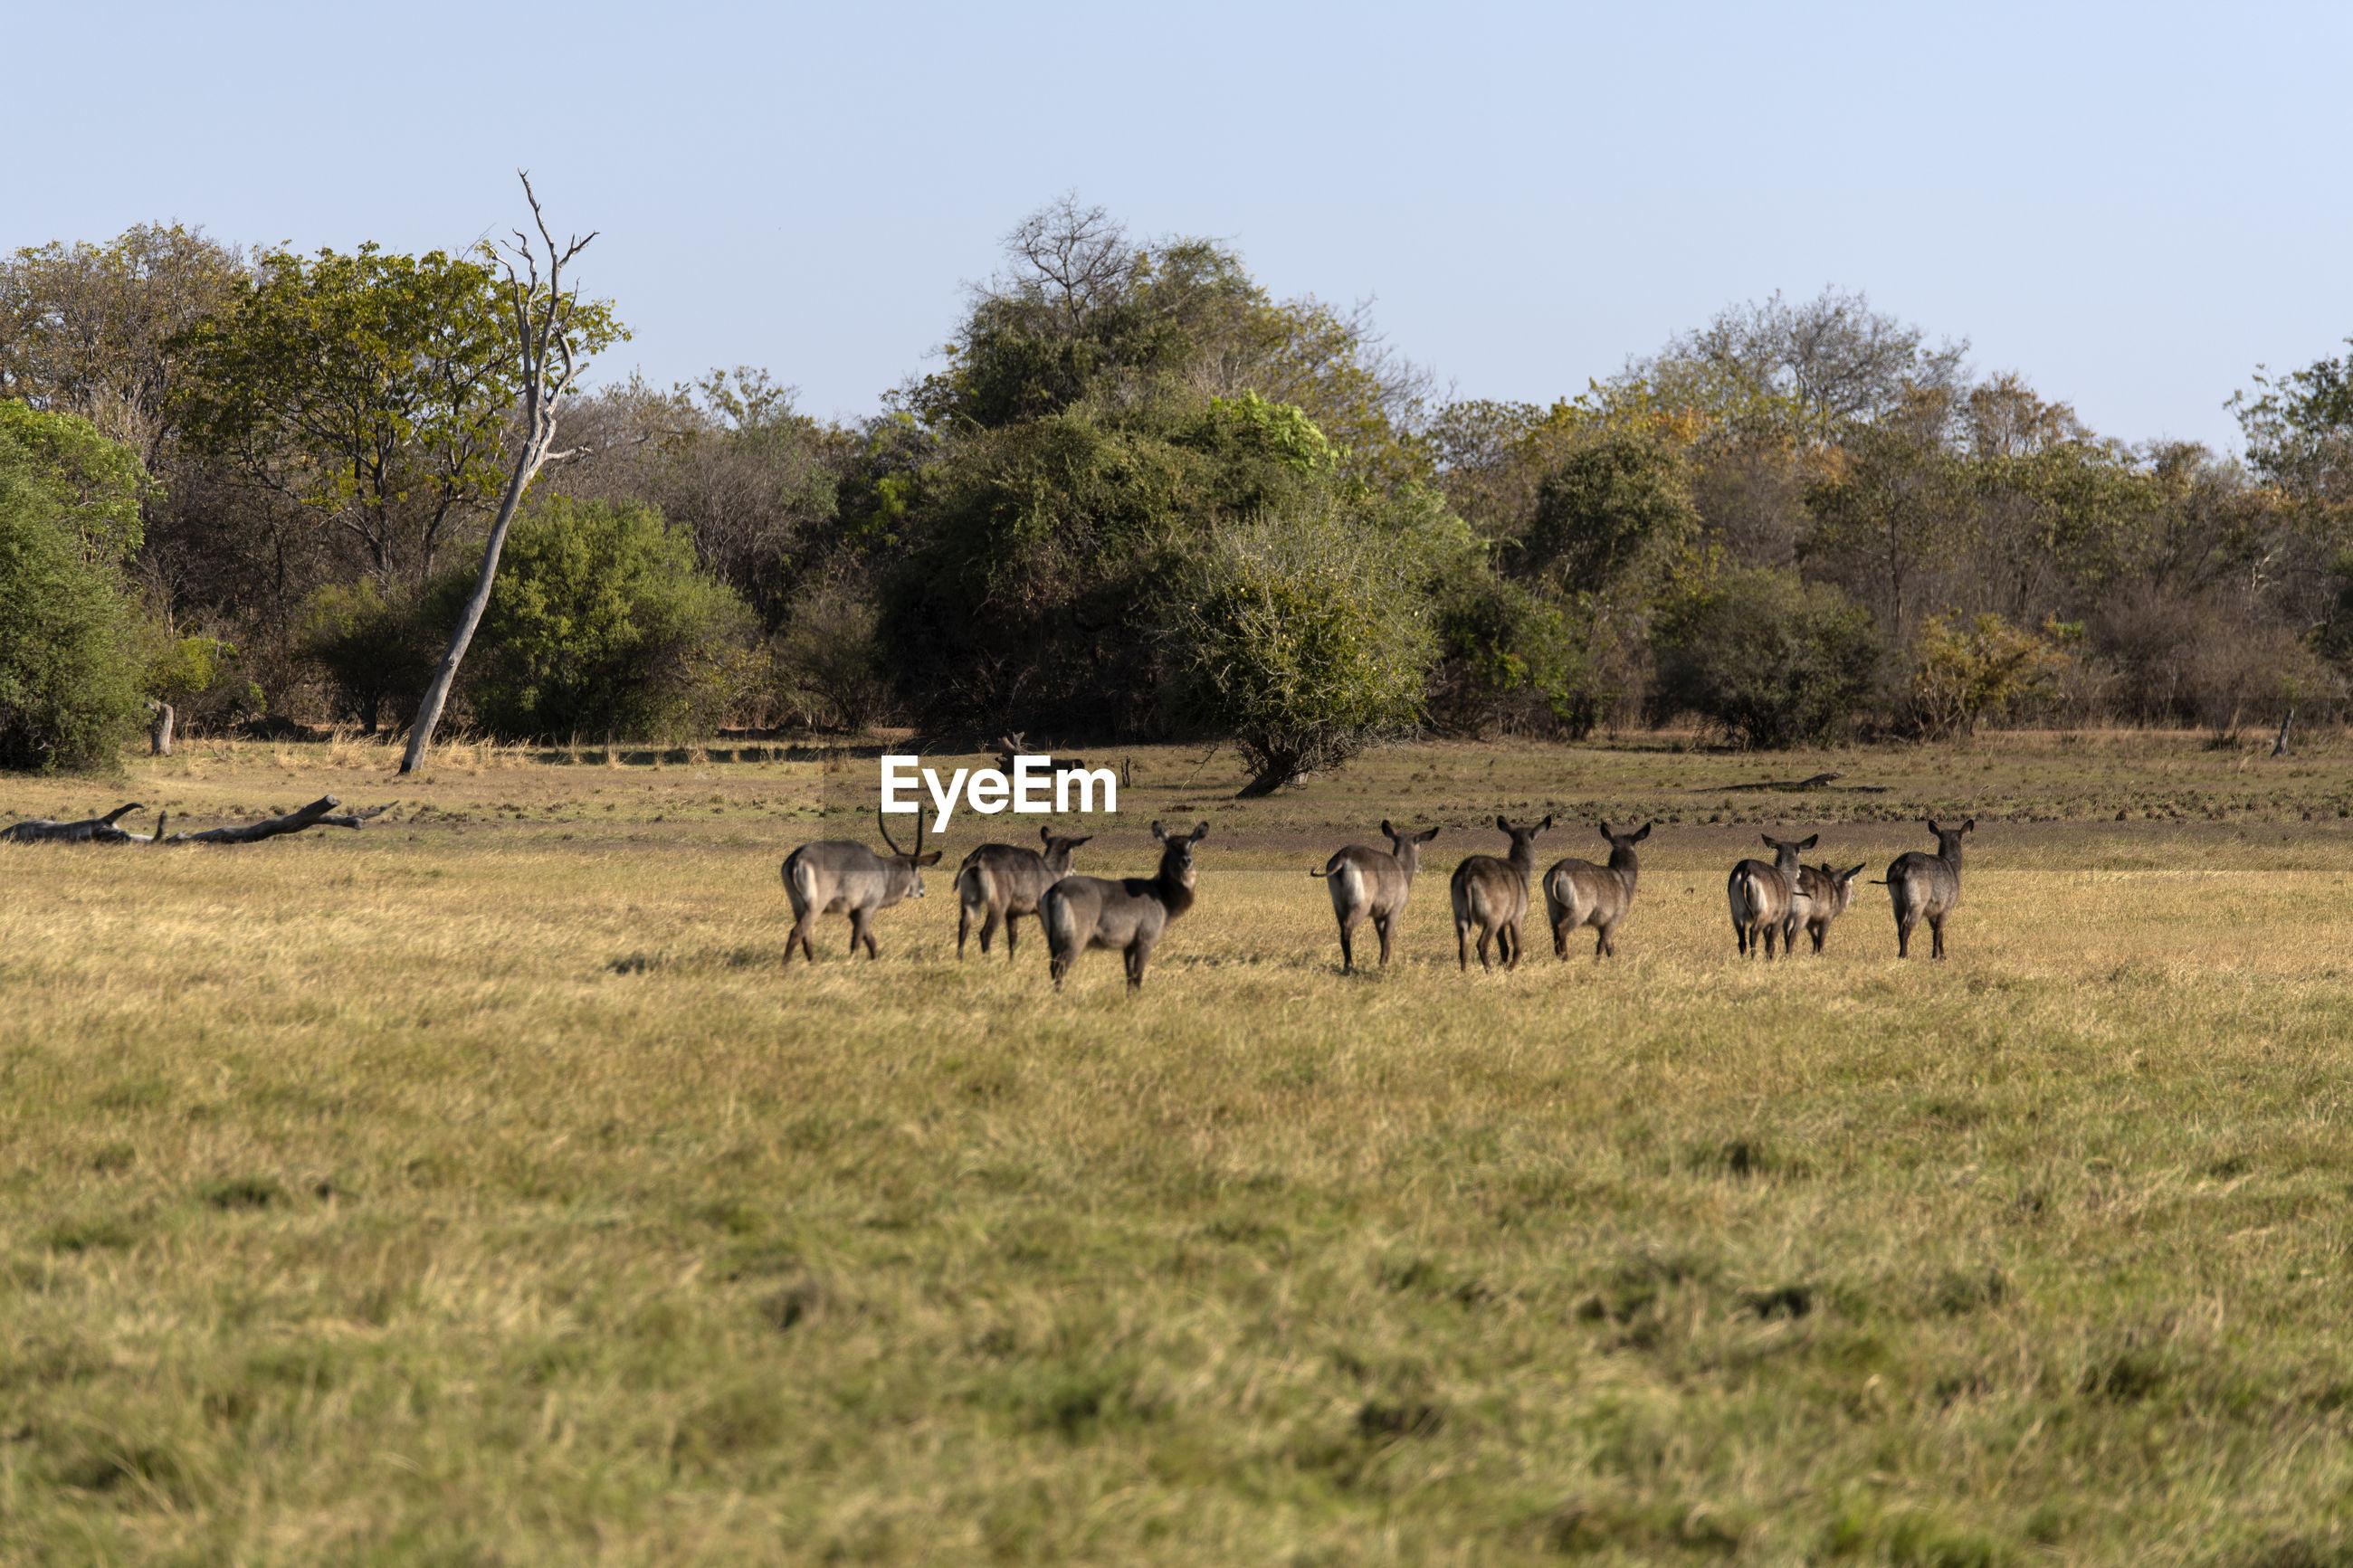 Wterbucks in a field